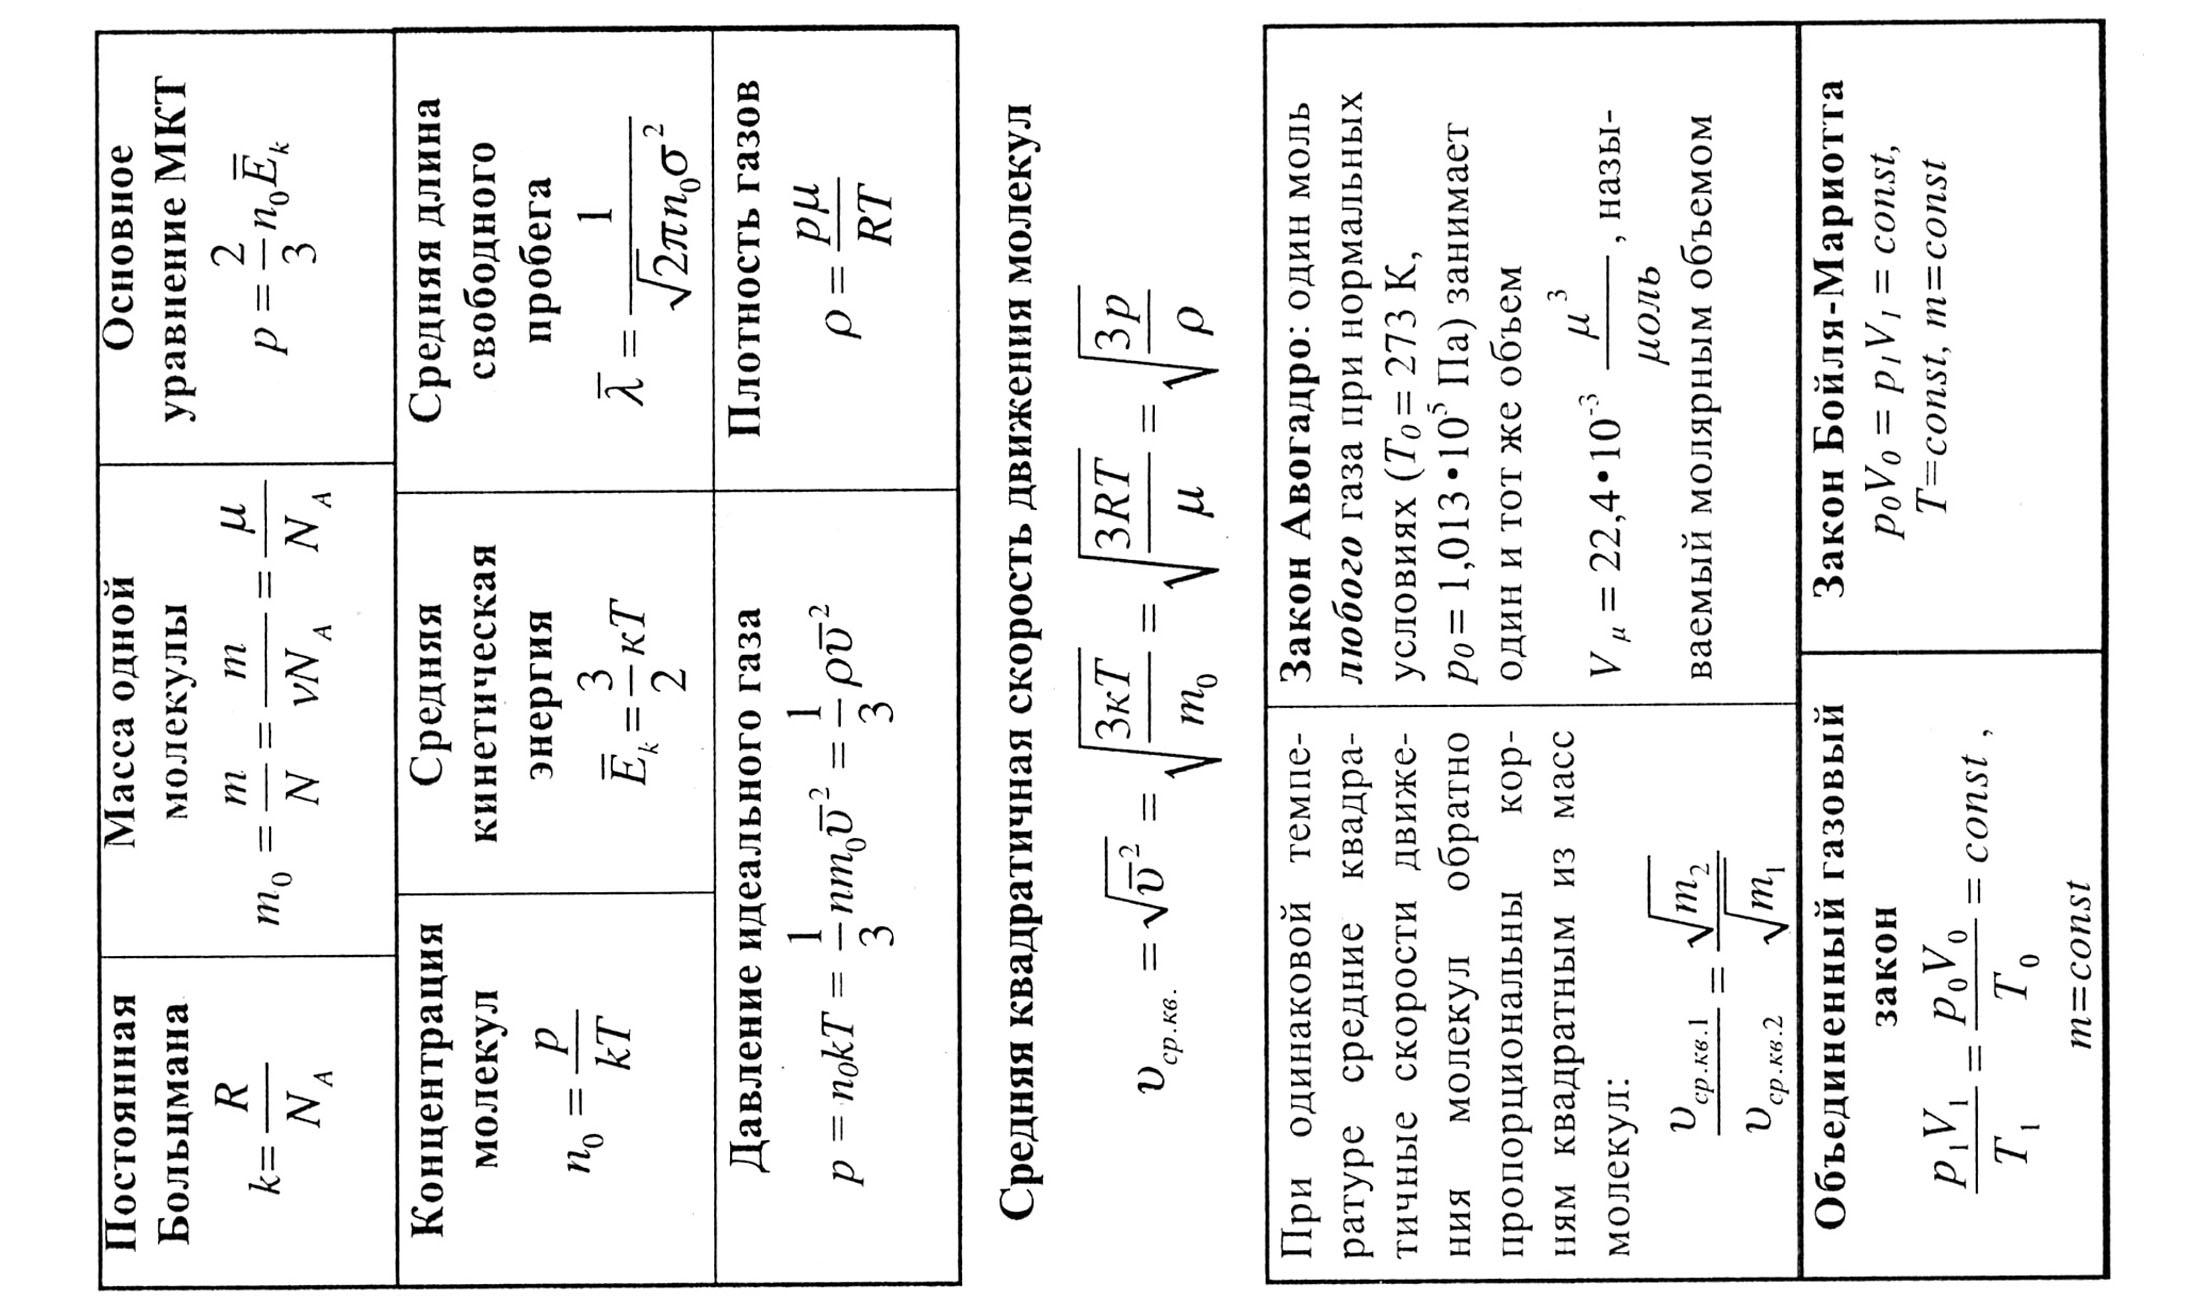 Физике углубленные формулы(шпаргалки) док молекулярной по